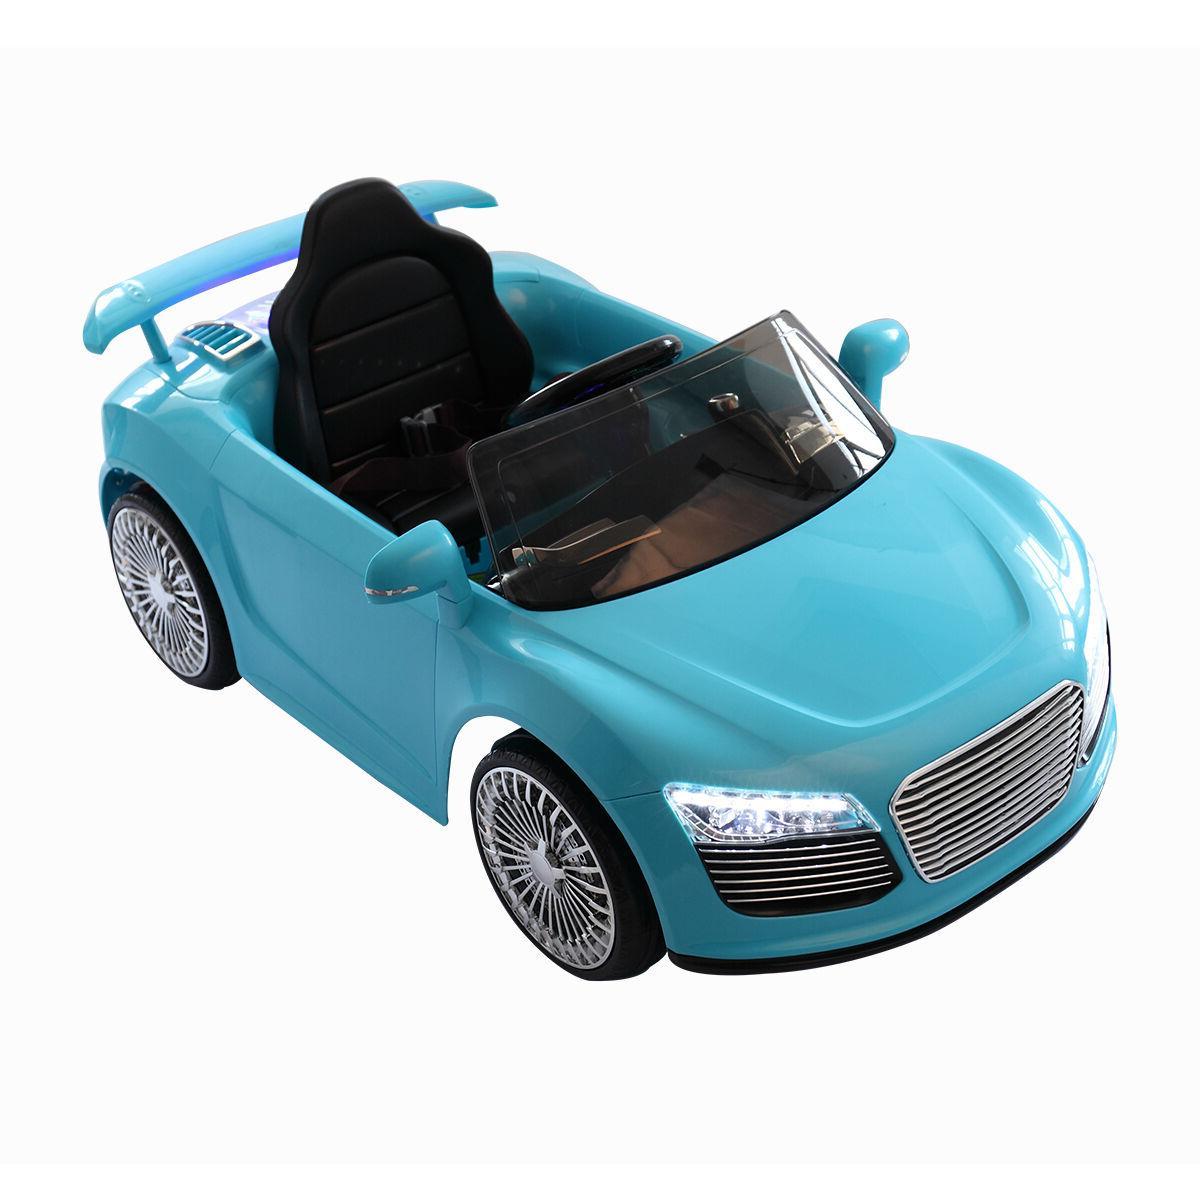 12v ride on car kids rc car